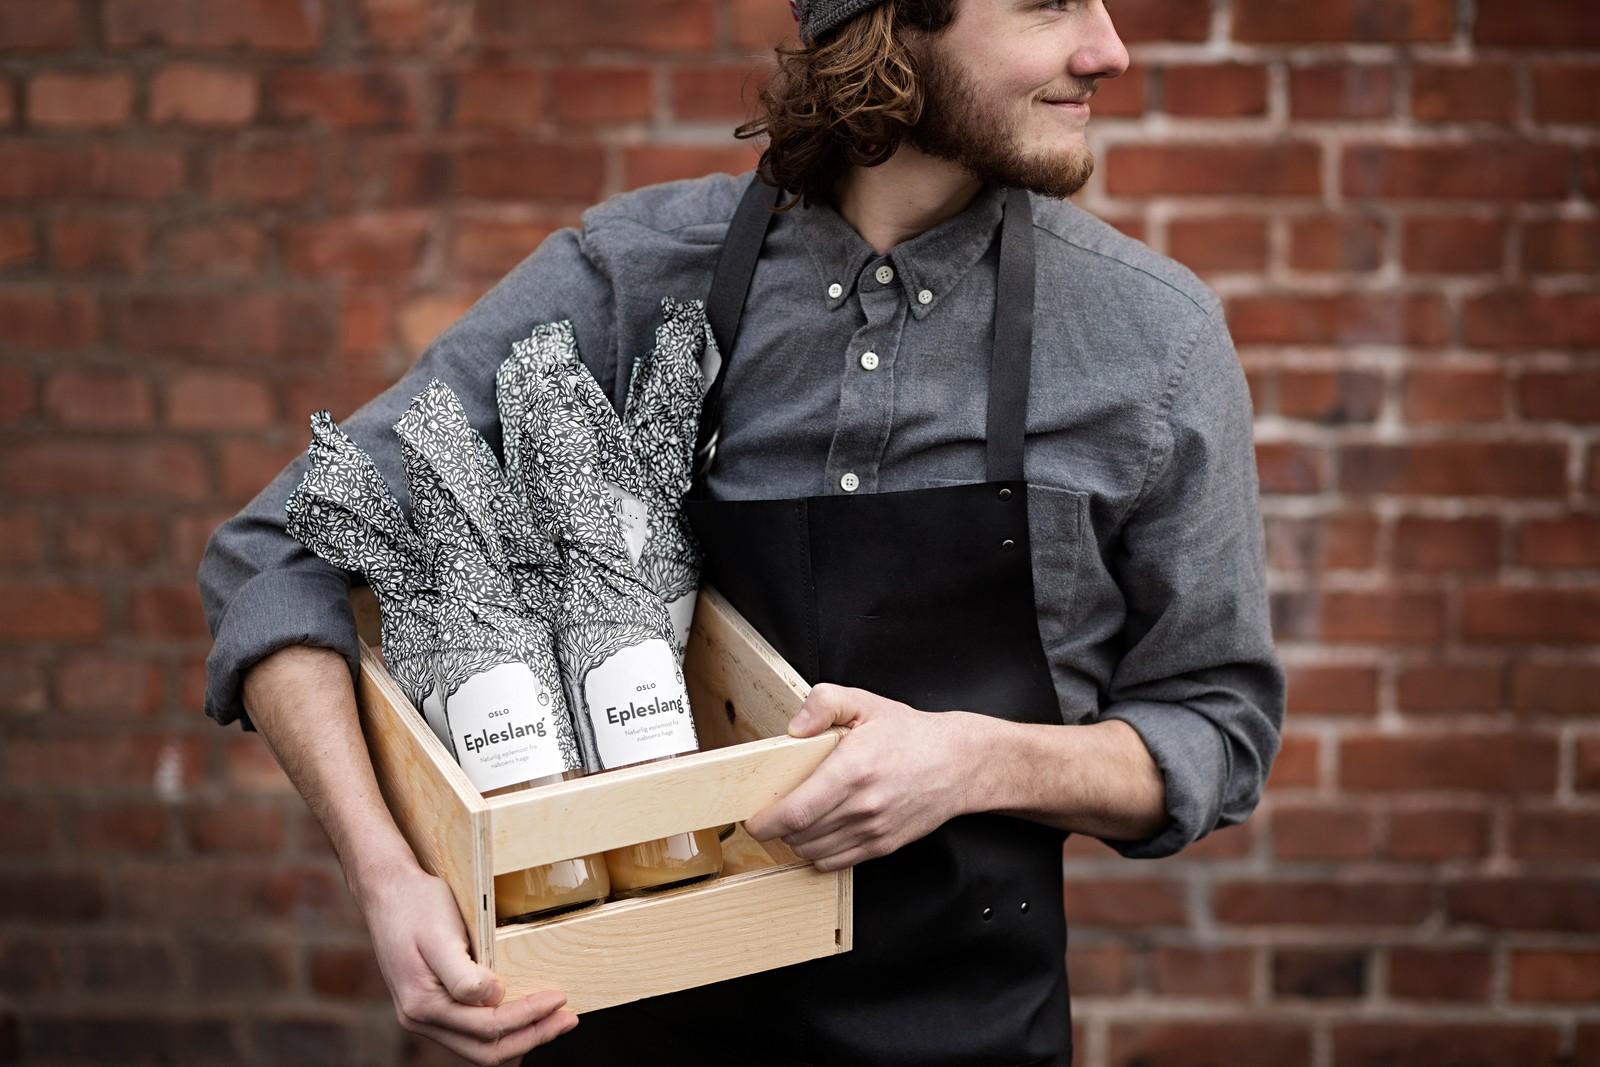 PÅ SLANG: Epleslang har gjort forretning av å lage eplemost. Nå blir de også belønnet for innpakningen.